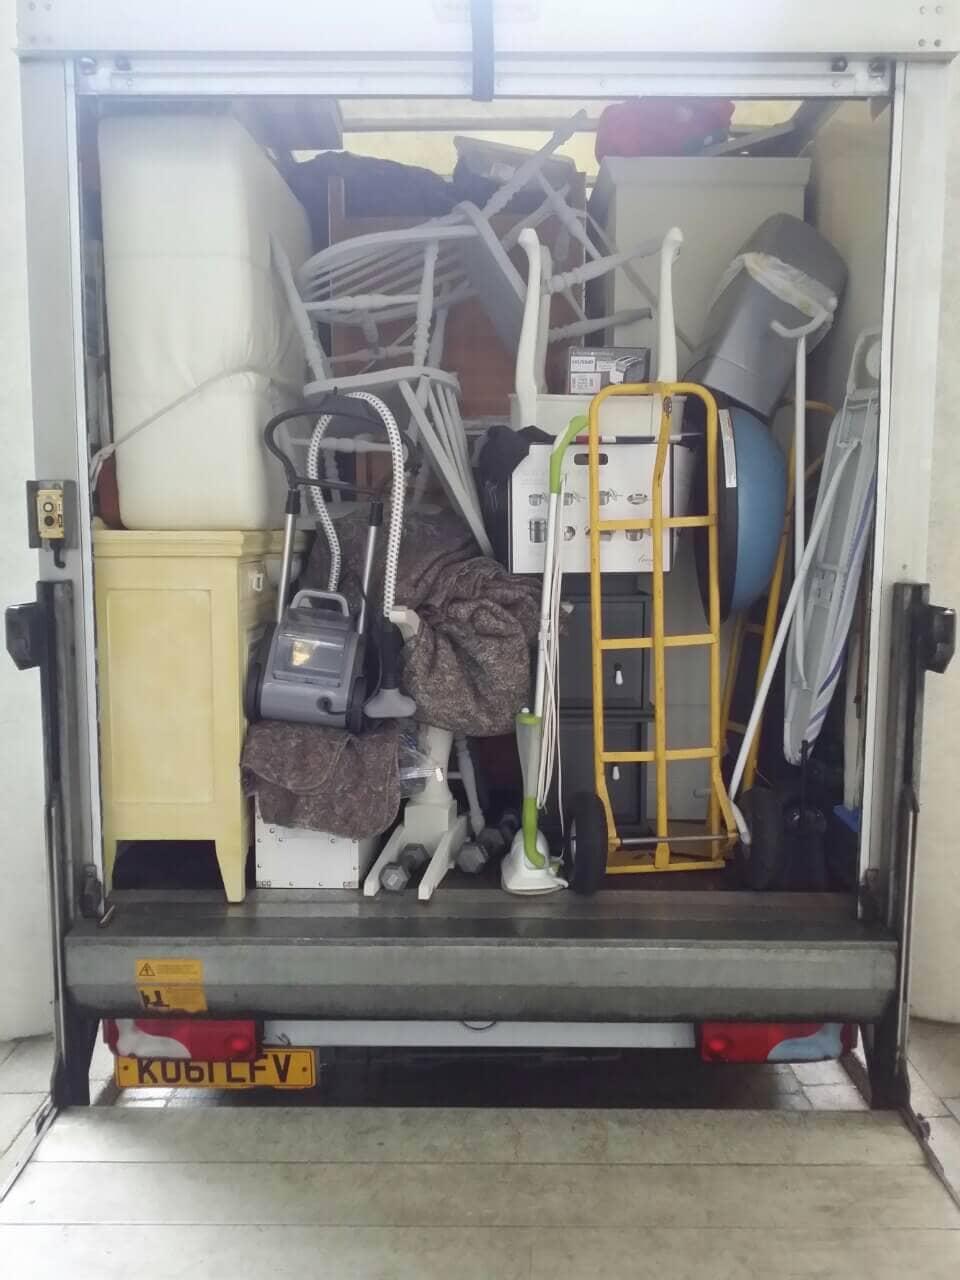 Southall van with man UB1